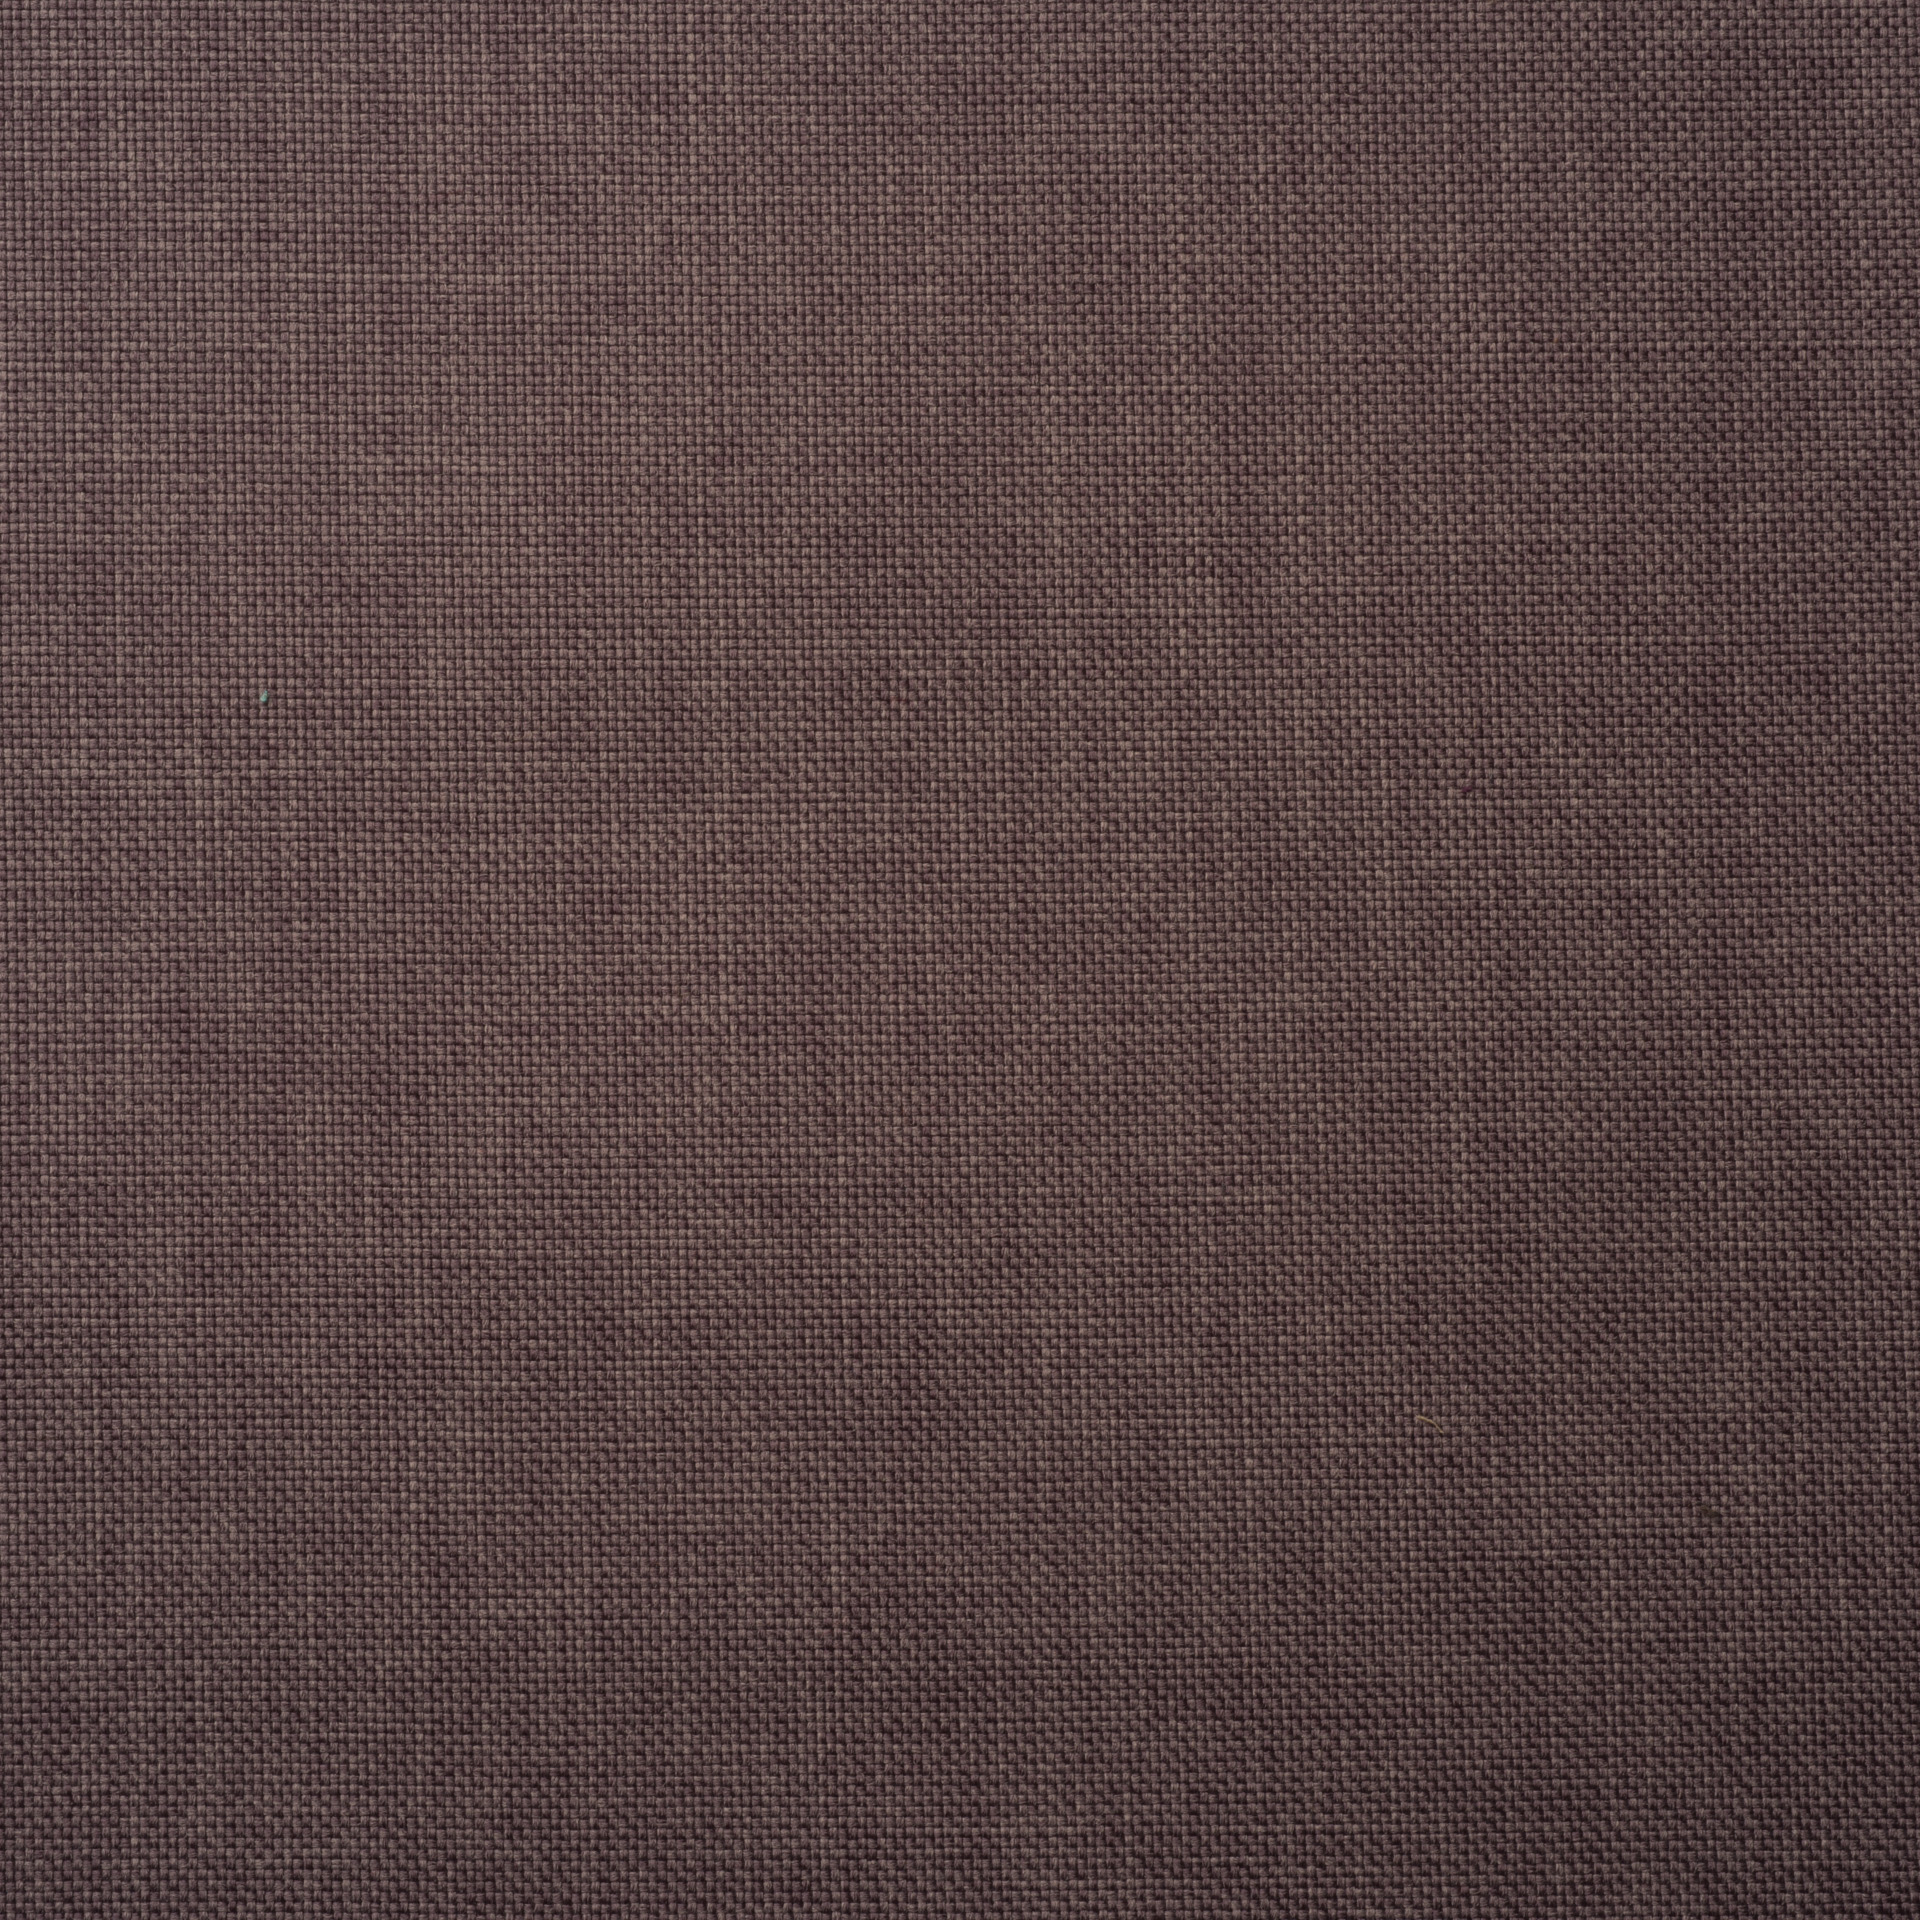 Коллекция ткани Саванна nova 12 Purple,  купить ткань Жаккард для мебели Украина